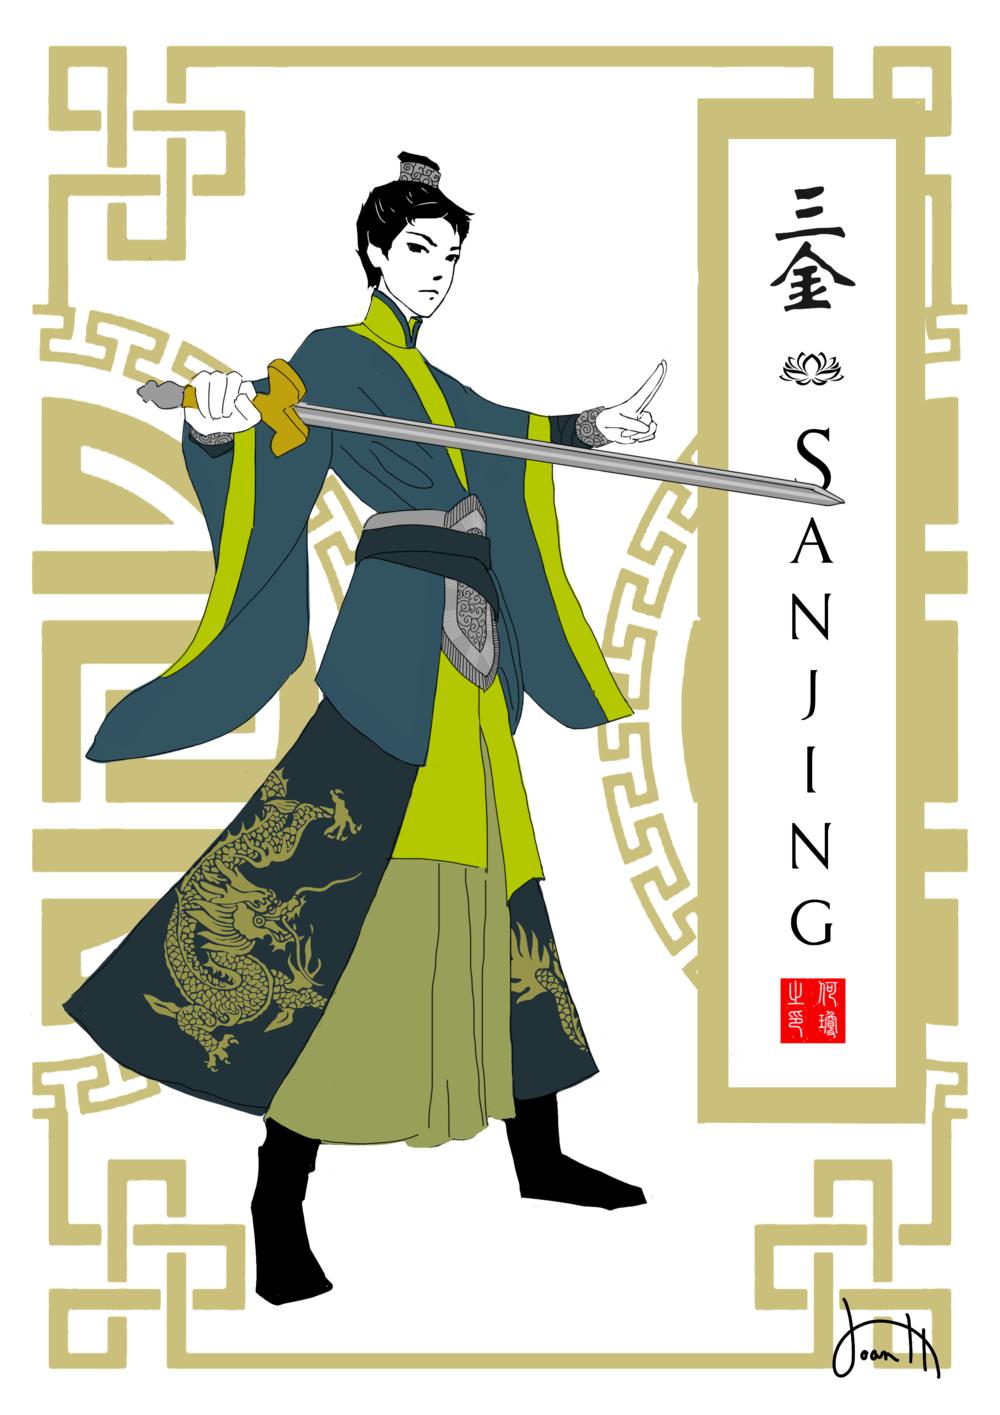 sanjing character card.png